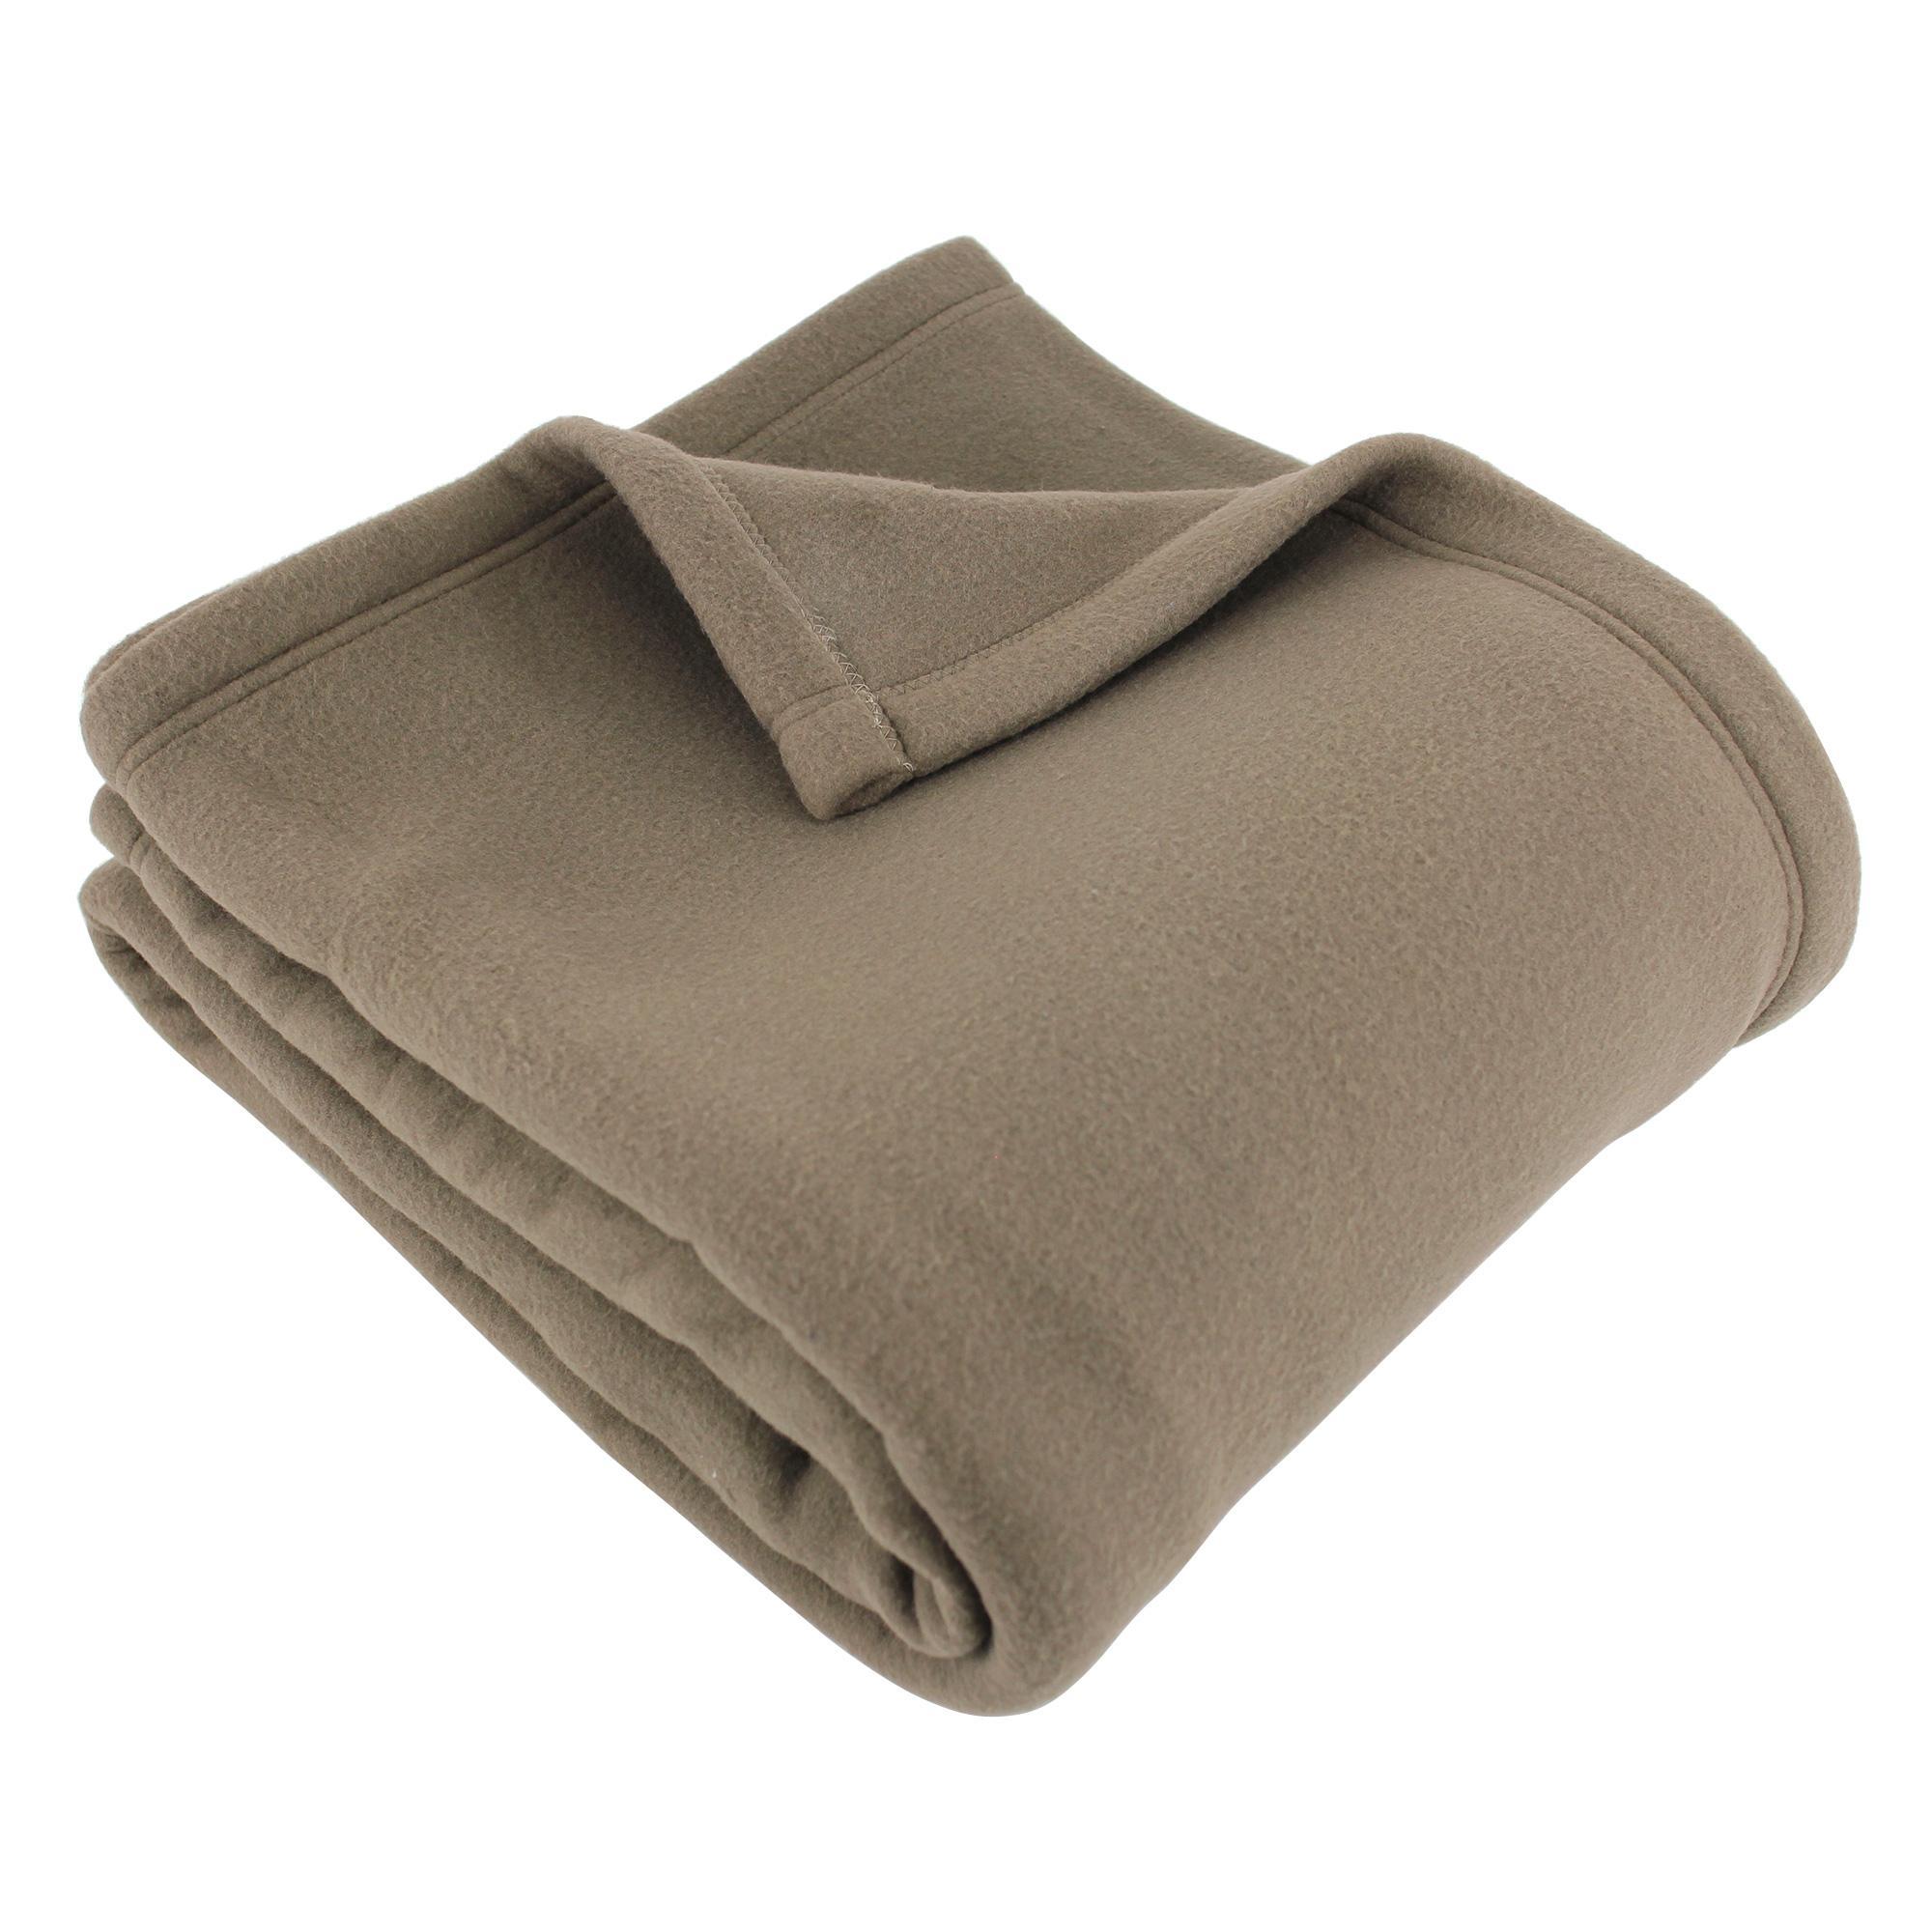 couverture polaire polyester 240x300 cm teddy taupe linnea linge de maison et. Black Bedroom Furniture Sets. Home Design Ideas